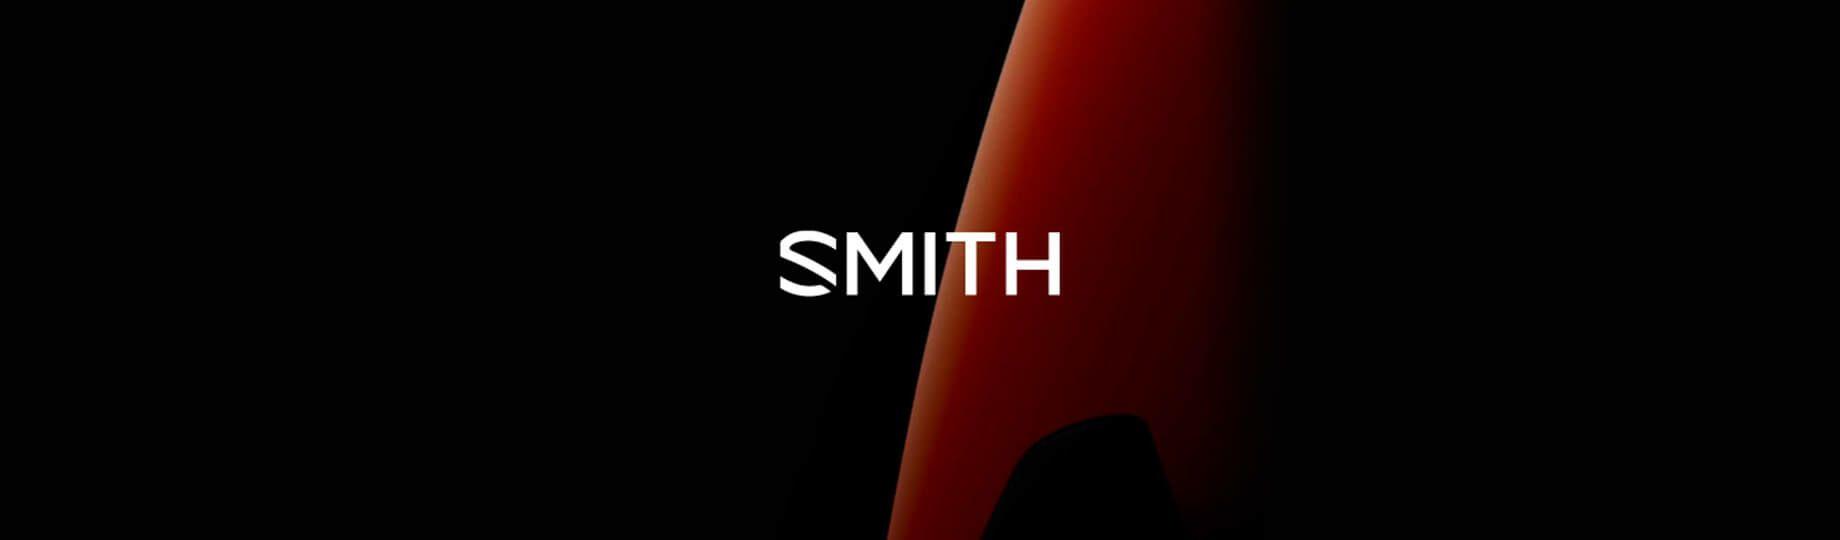 SMITHメイン画像